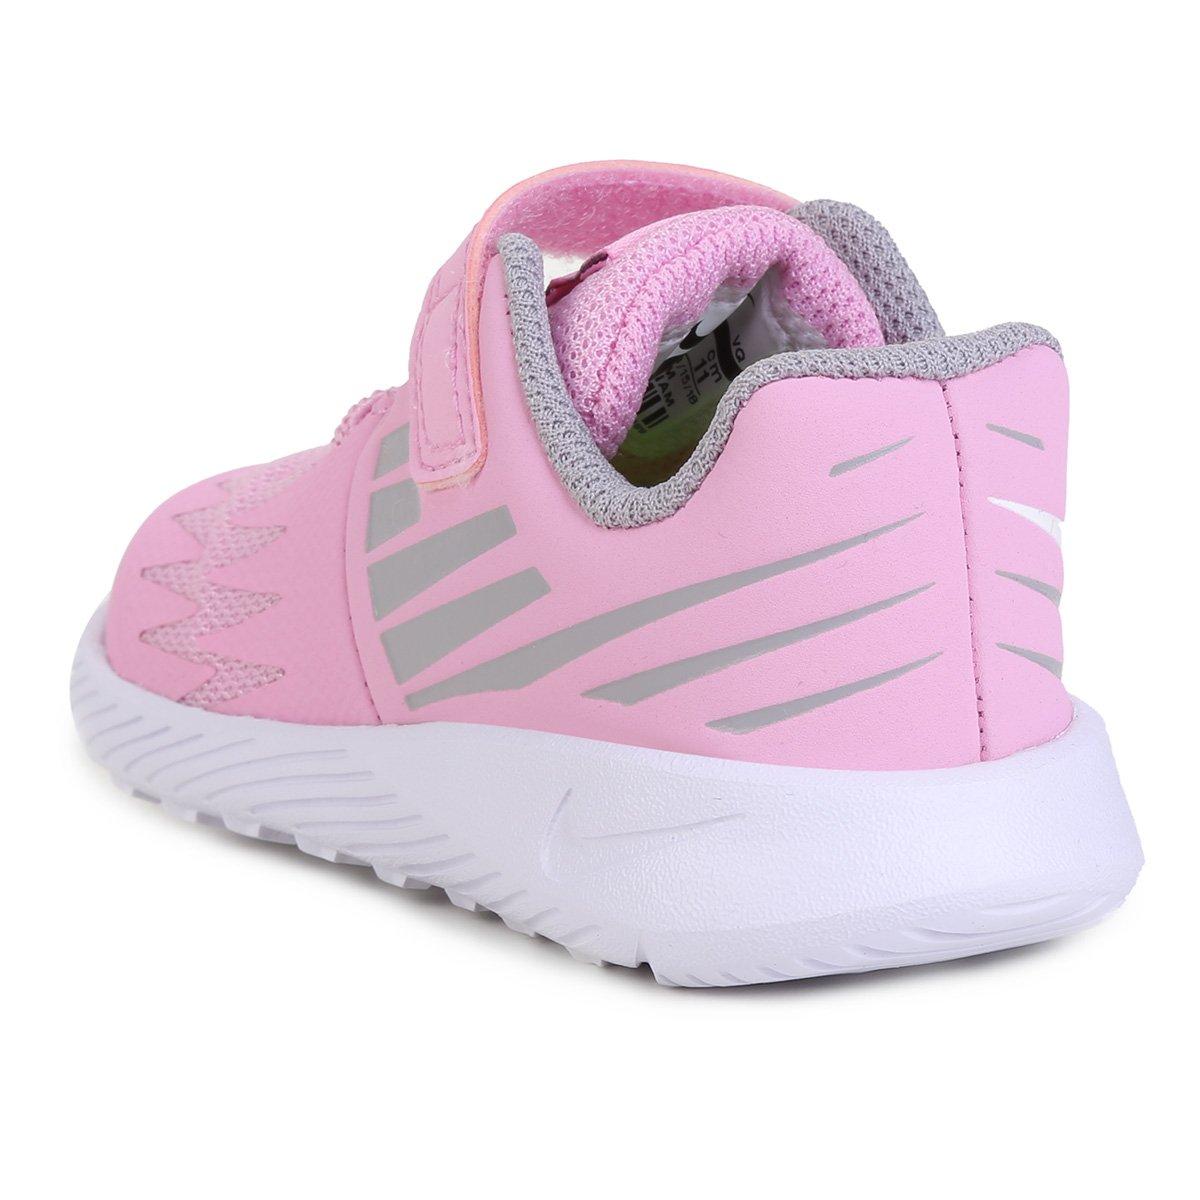 160acdc58d Tênis Infantil Nike Star Runner Feminino - Tam: 22.5 - Shopping TudoAzul